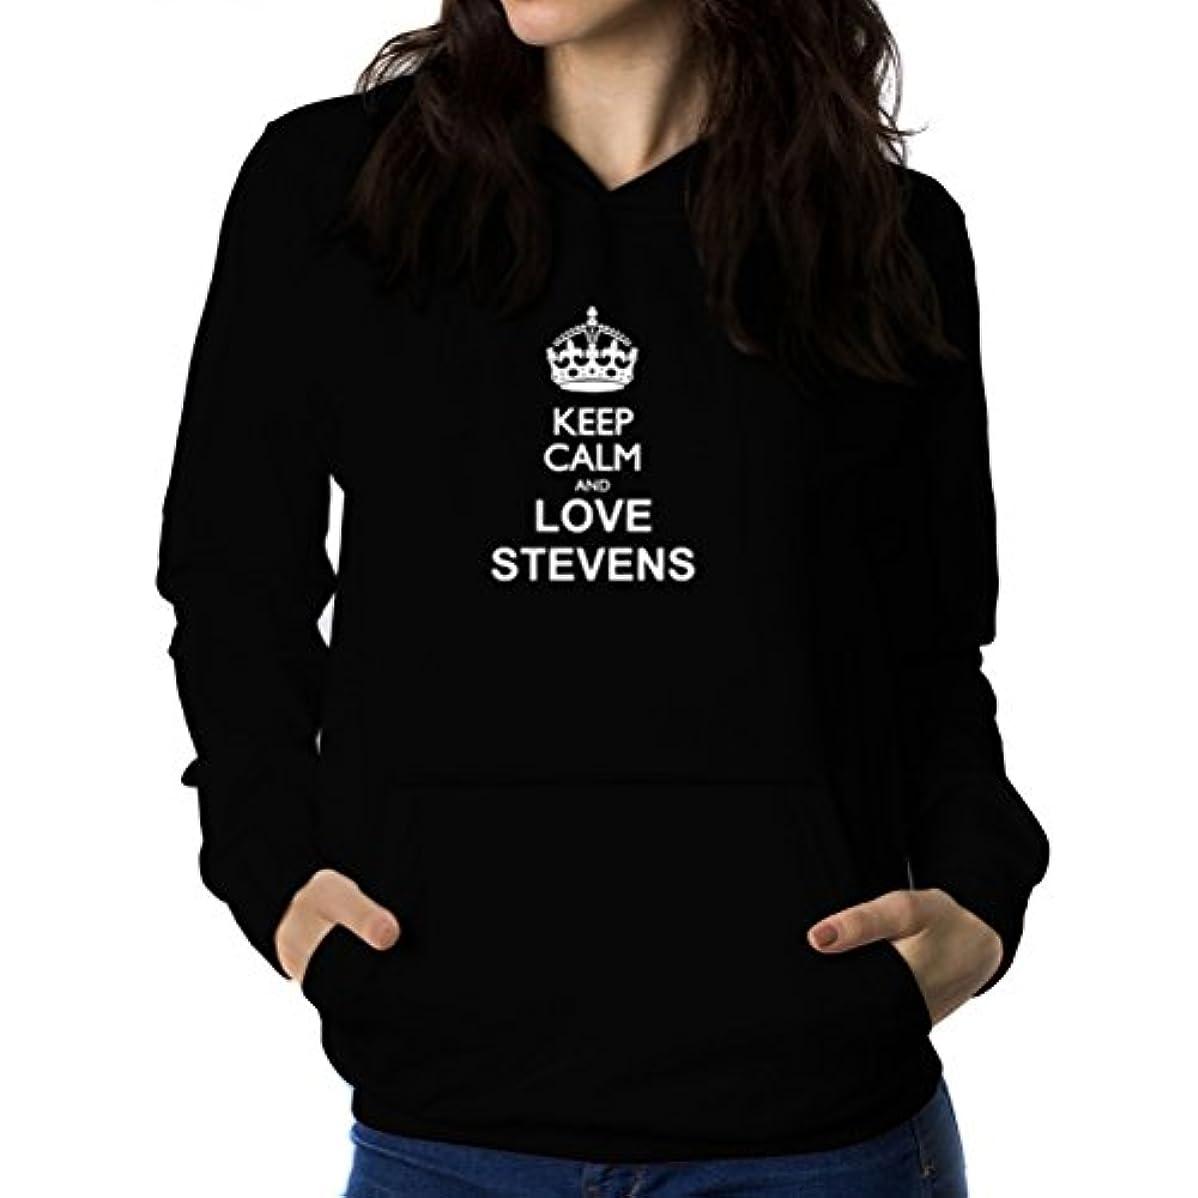 礼拝完璧放射能Keep calm and love Stevens 女性 フーディー